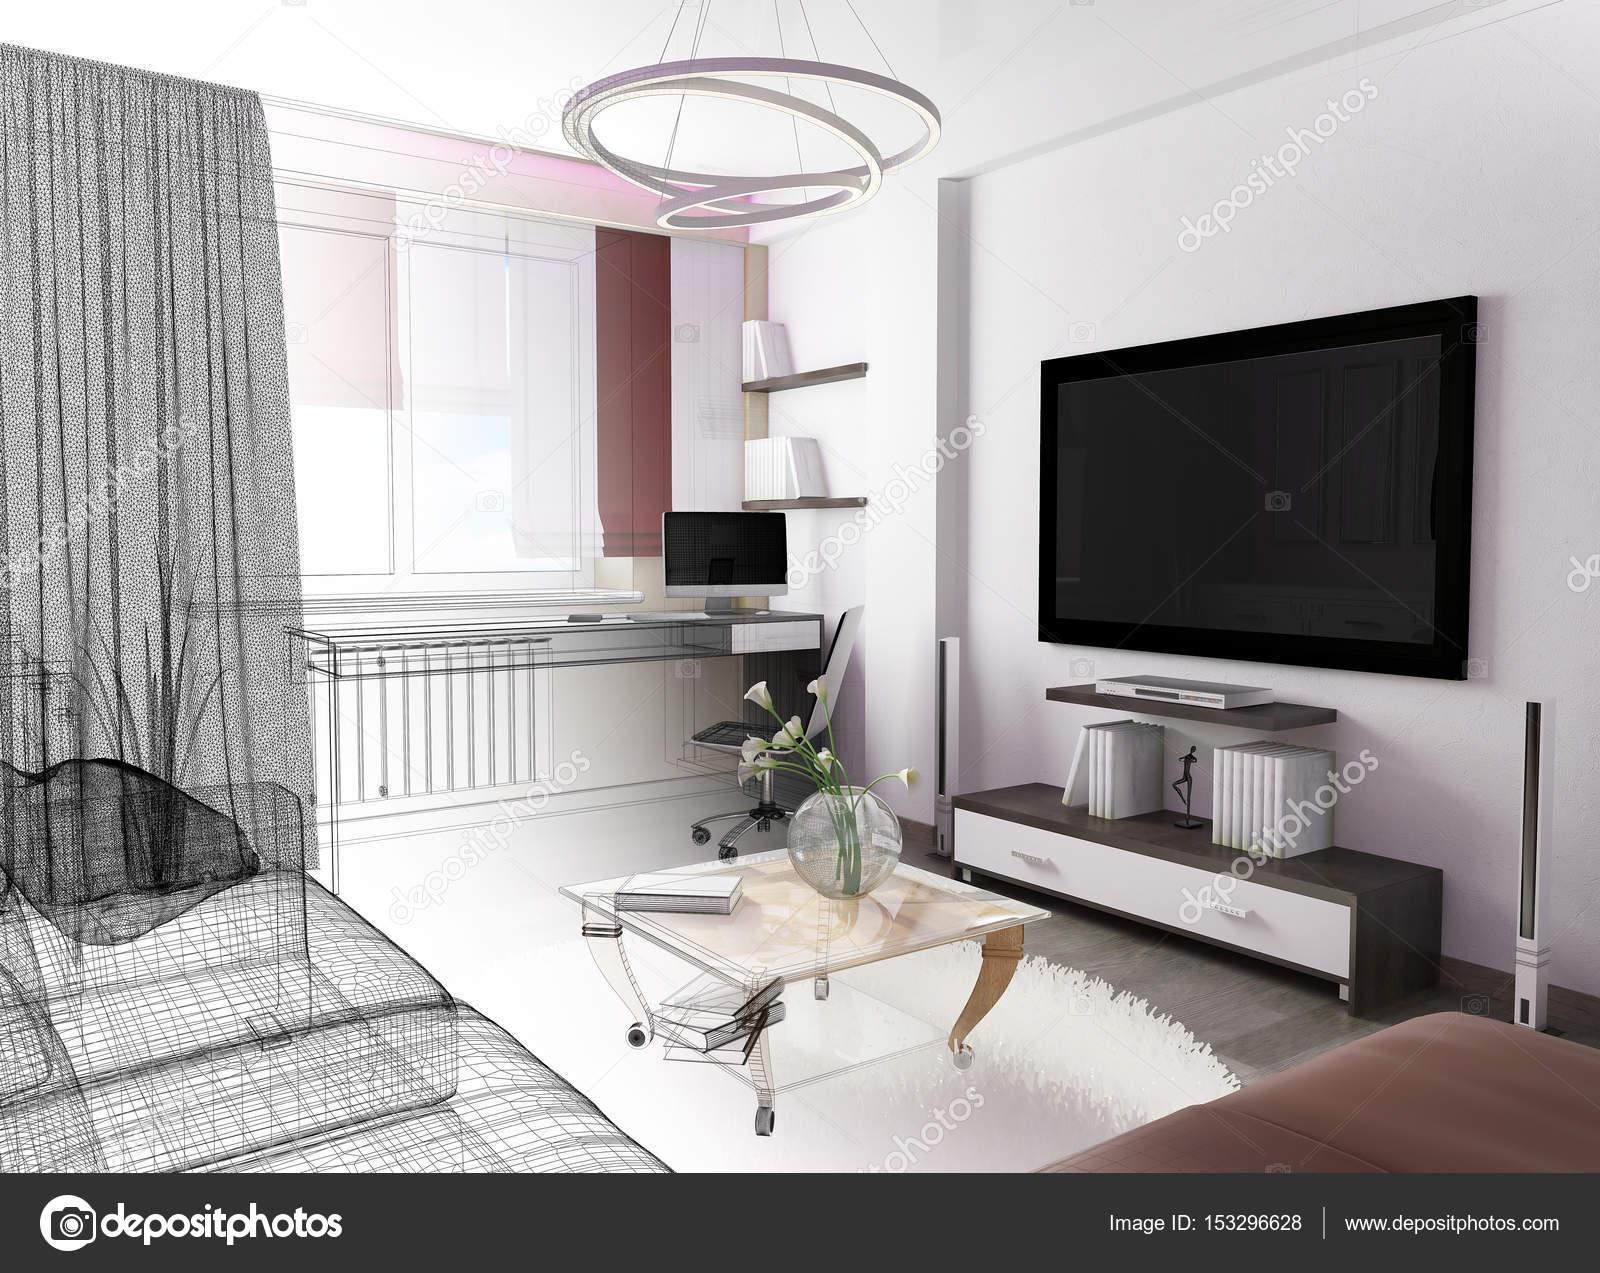 Weisses Wohnzimmer Interieur Stockfoto C Kash76 153296628